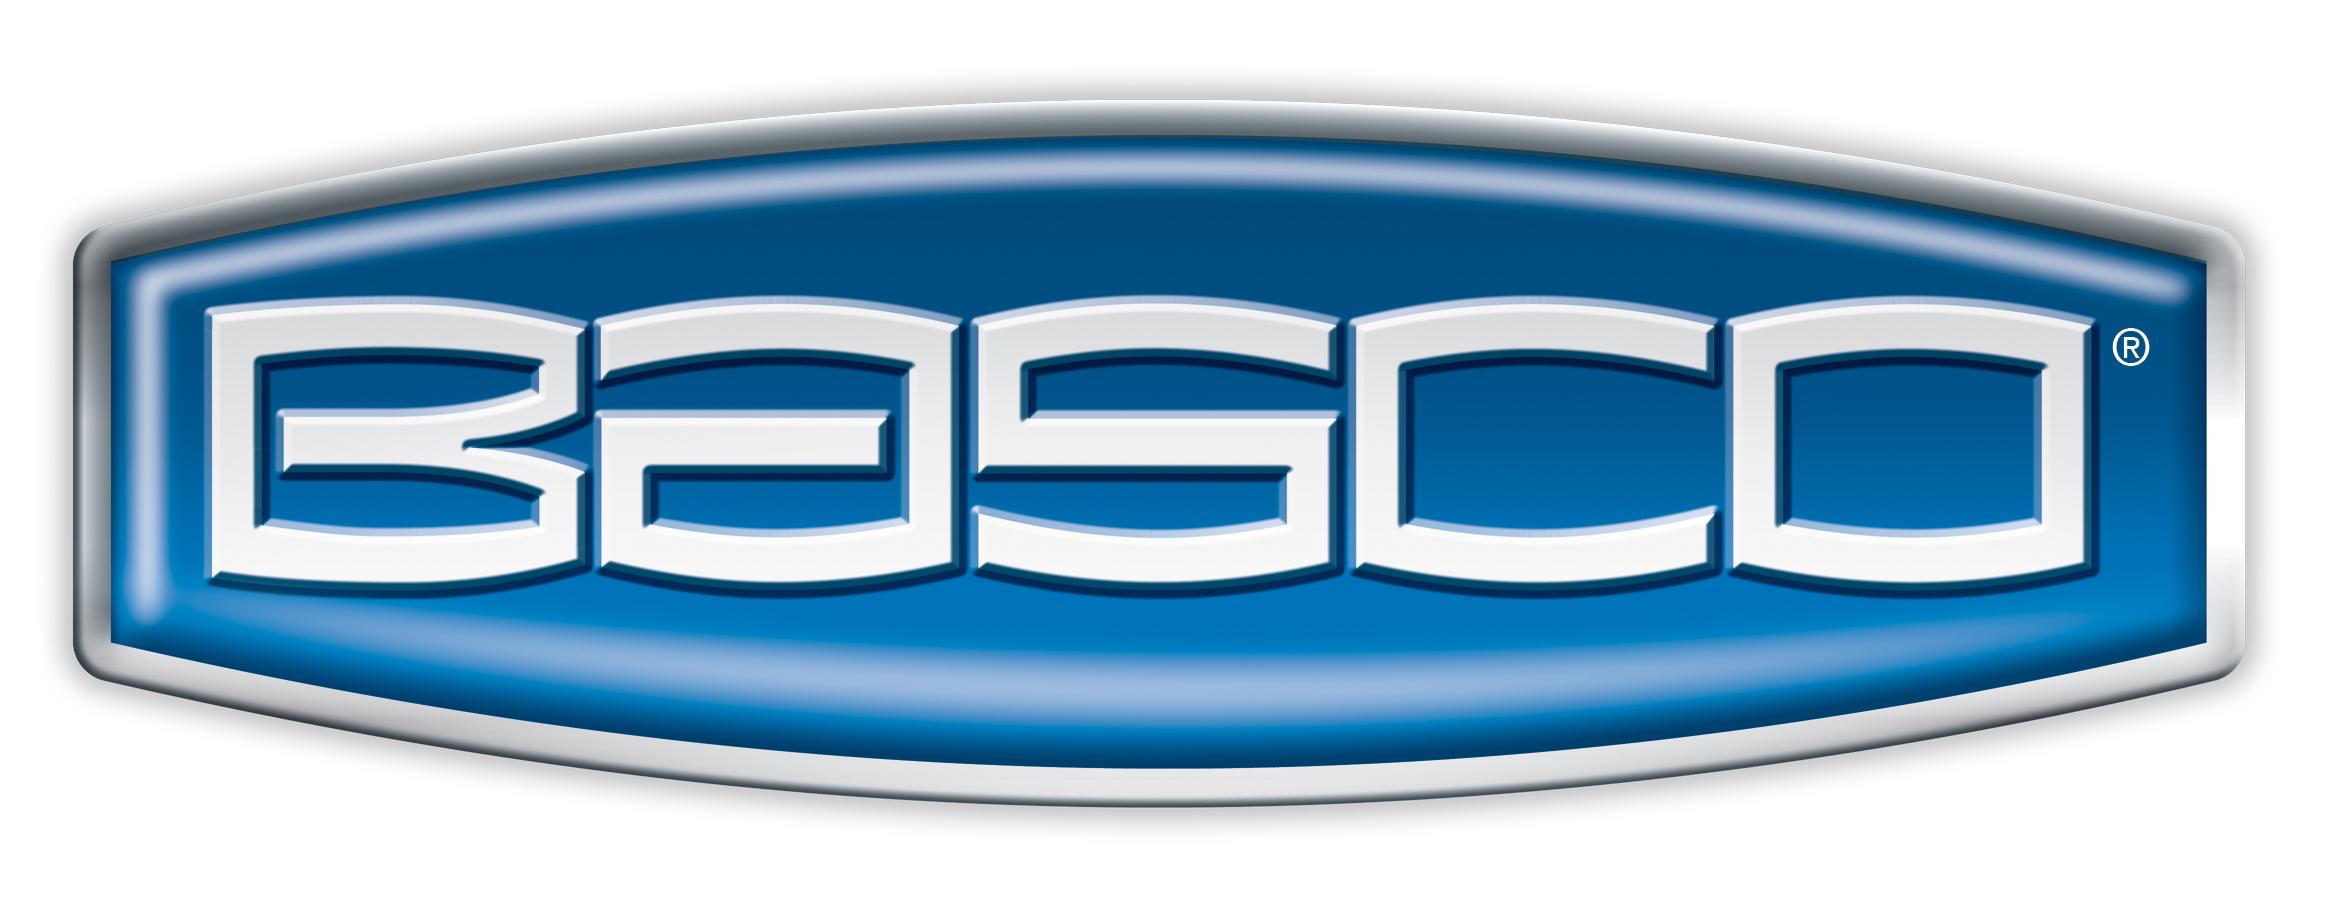 Door & Panel Shower Enclosures - Basco | Basco Shower Doors